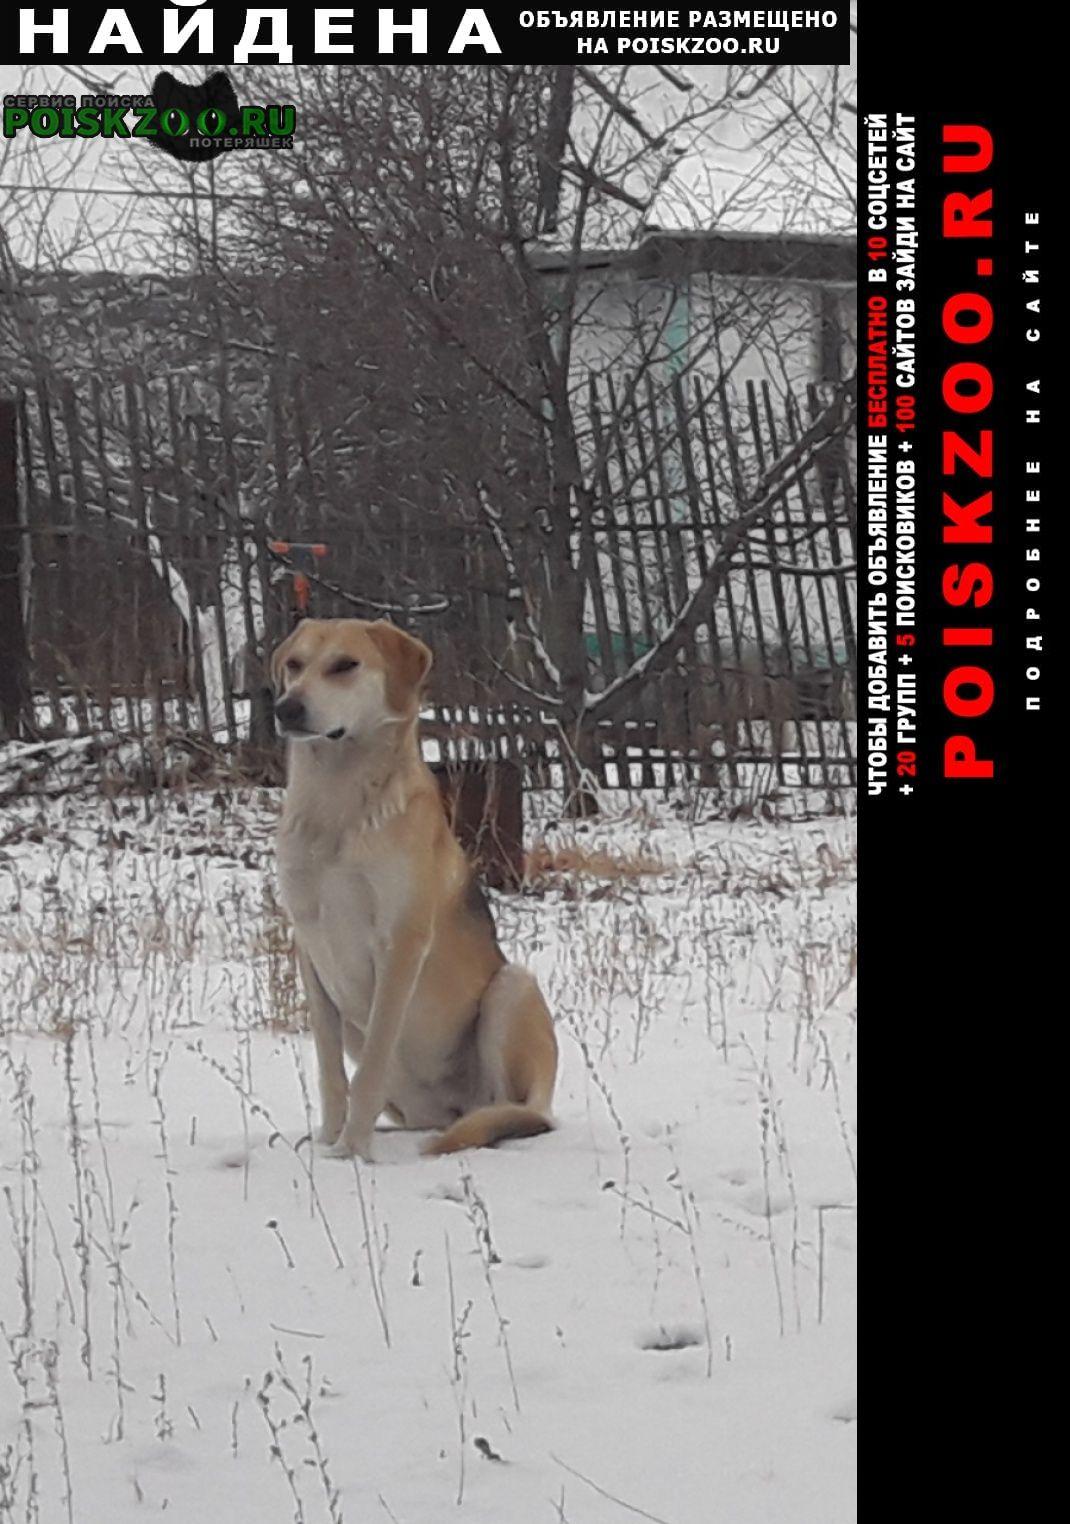 Татищево Найдена собака русская гончая в районе д. ильиновка